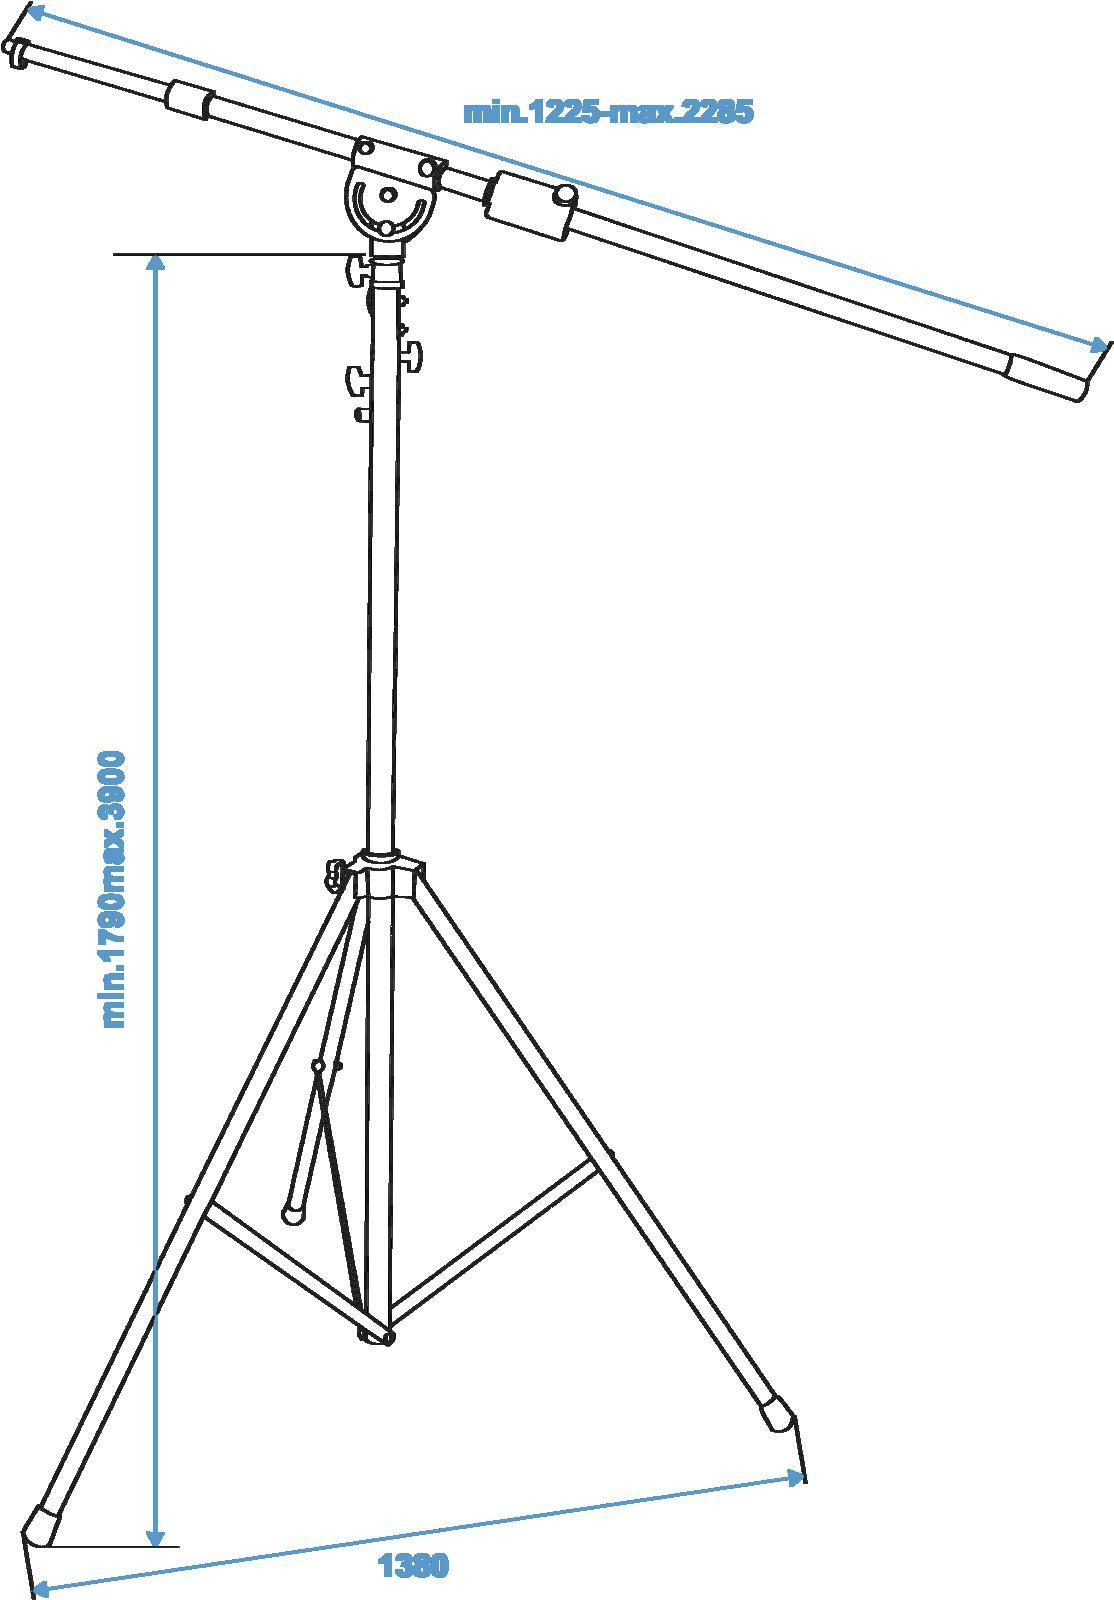 OMNITRONIC asta supporto a giraffa  per microfono,altezza regolabile